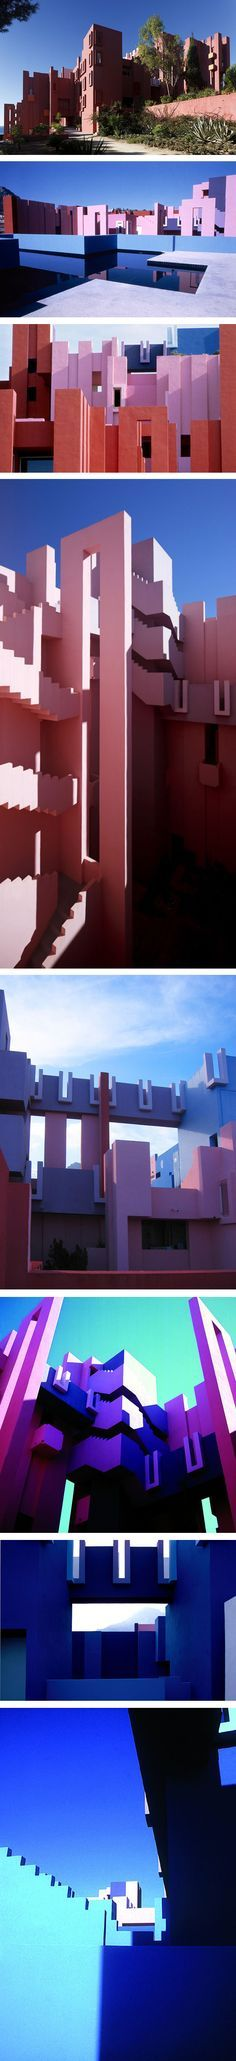 Ricardo Bofill - Taller de Arquitectura || Muralla Roja (Calpe, Alicante, España) || 1973